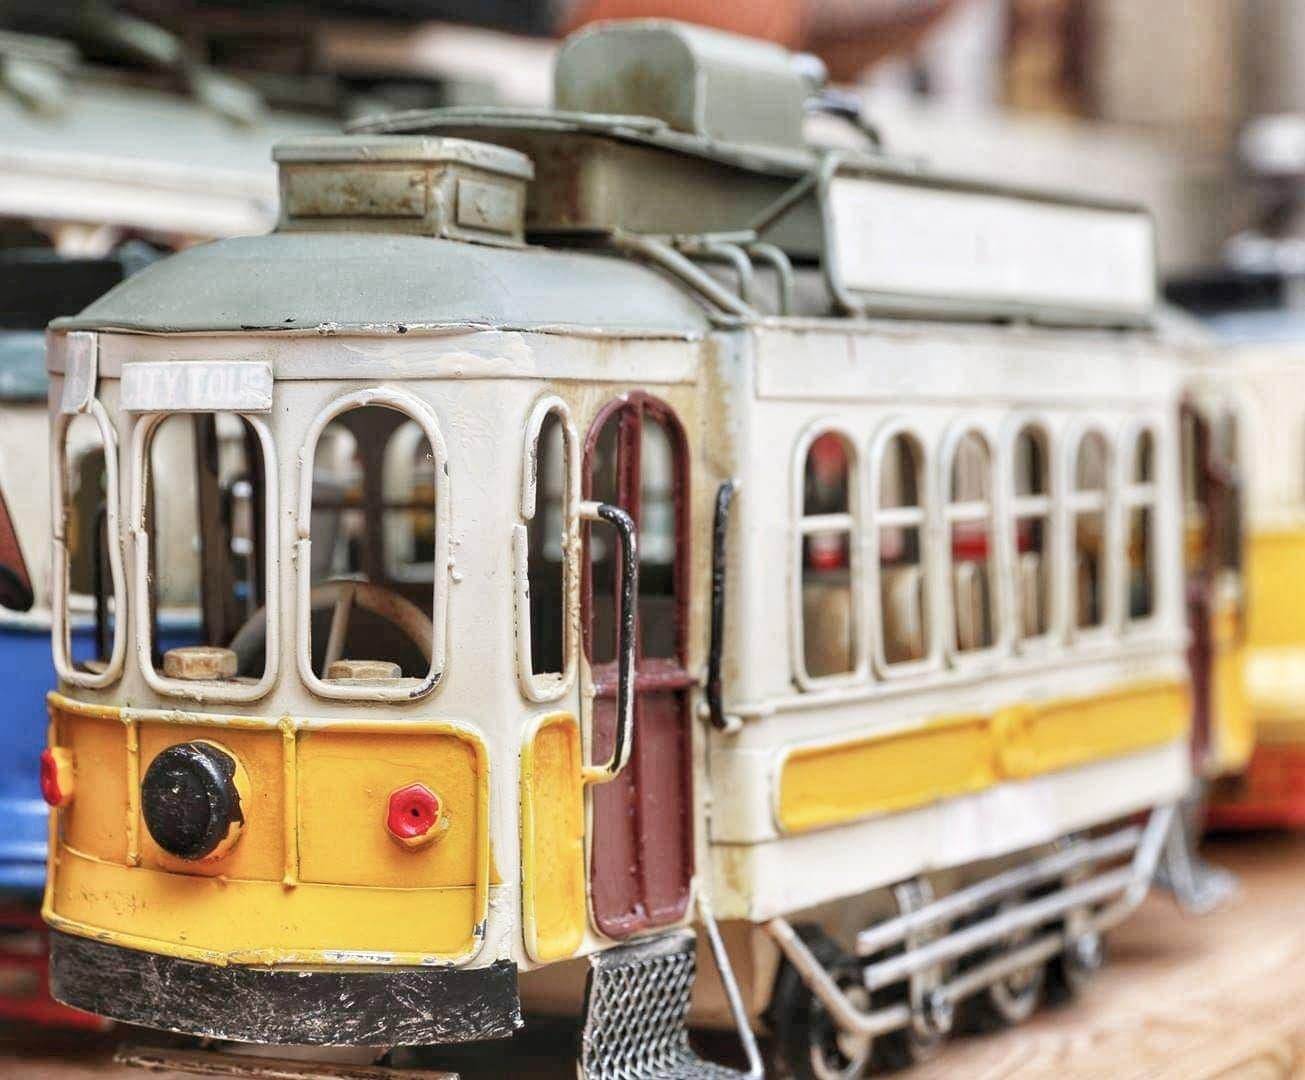 podróże małe i duże, atrakcja Lizbony, zółty tramwaj retro